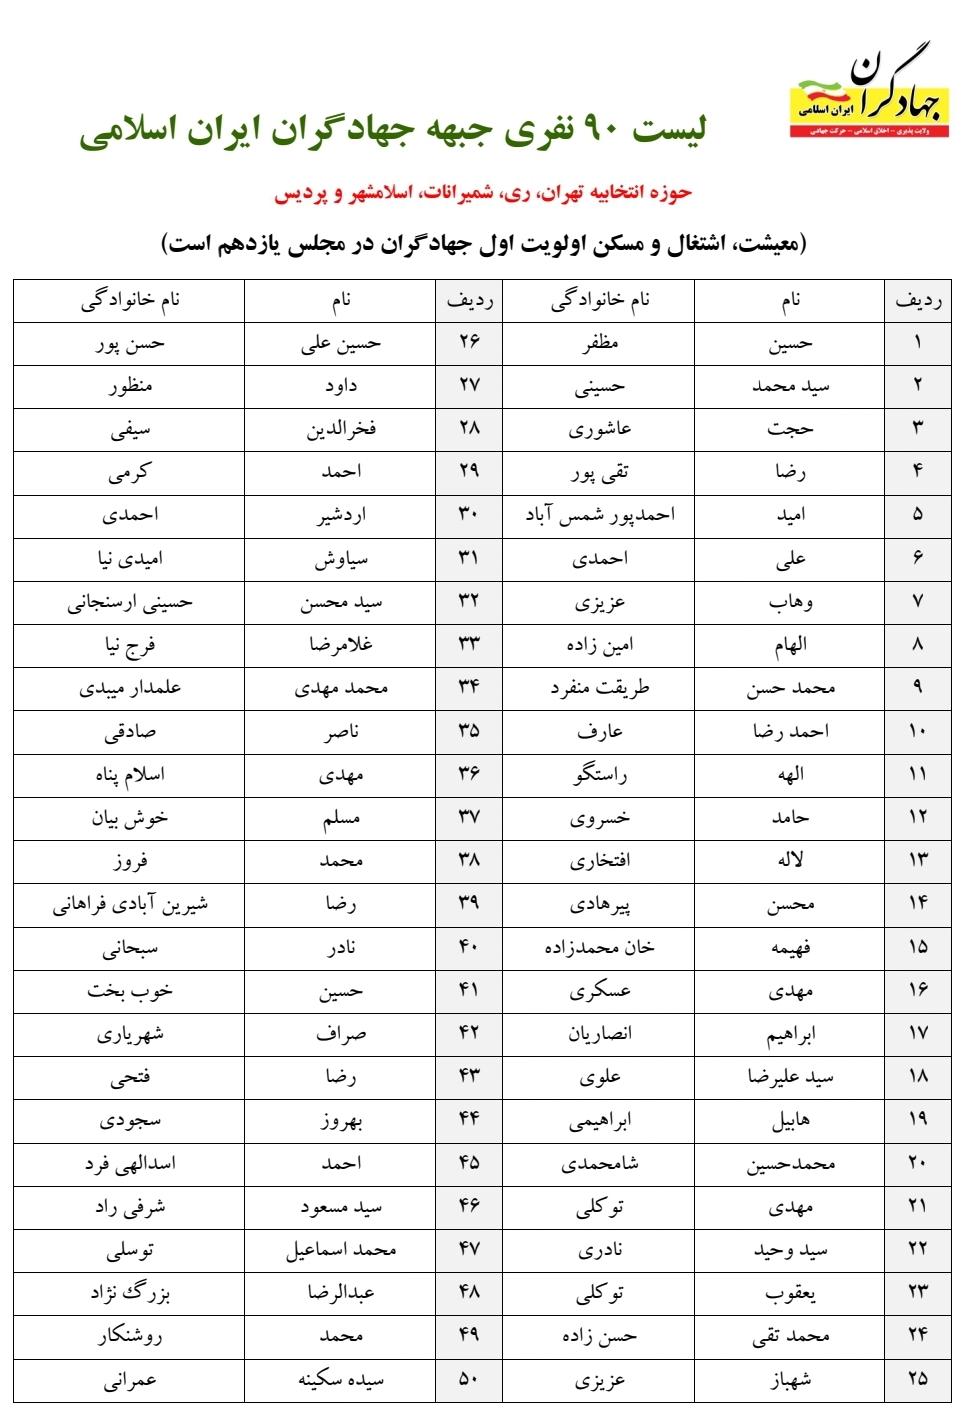 لیست 90 نفری جهادگران